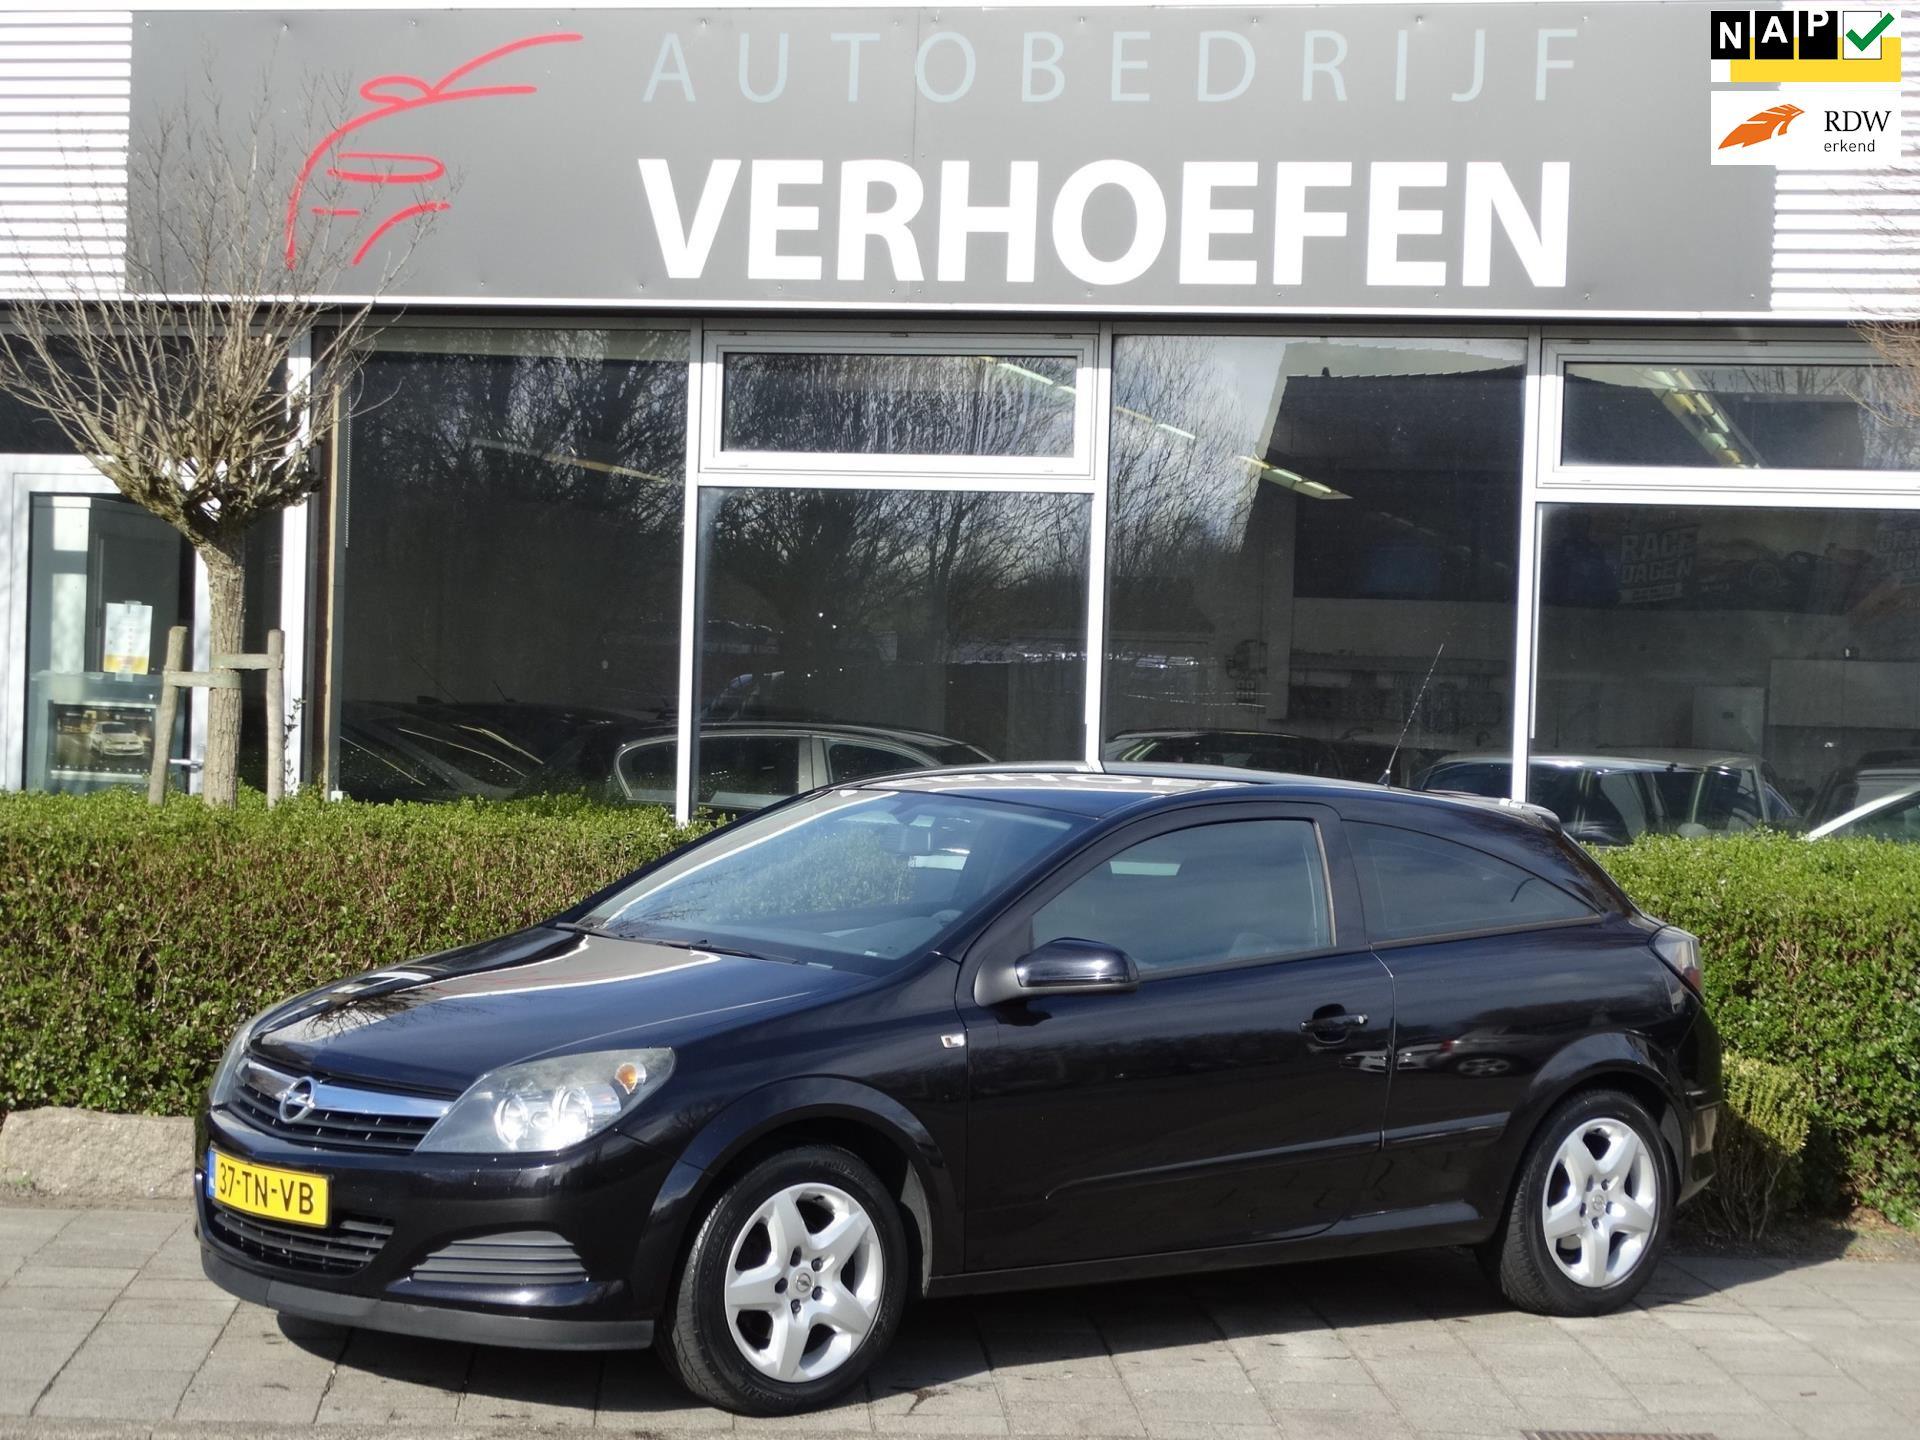 Opel Astra GTC occasion - Autobedrijf Verhoefen